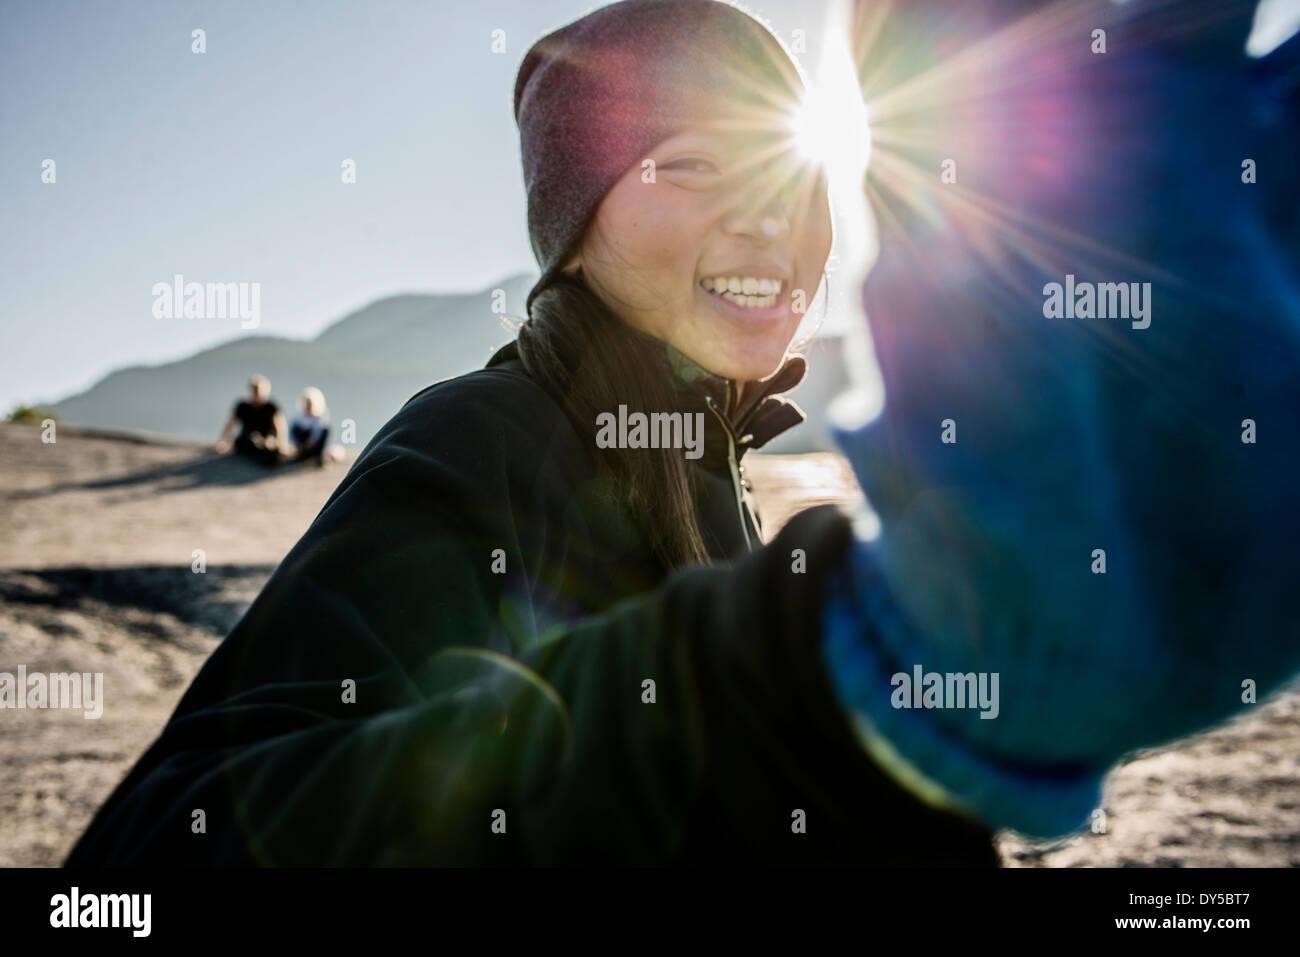 Ritratto di shy giovane femmina escursionista, Squamish, British Columbia, Canada Immagini Stock